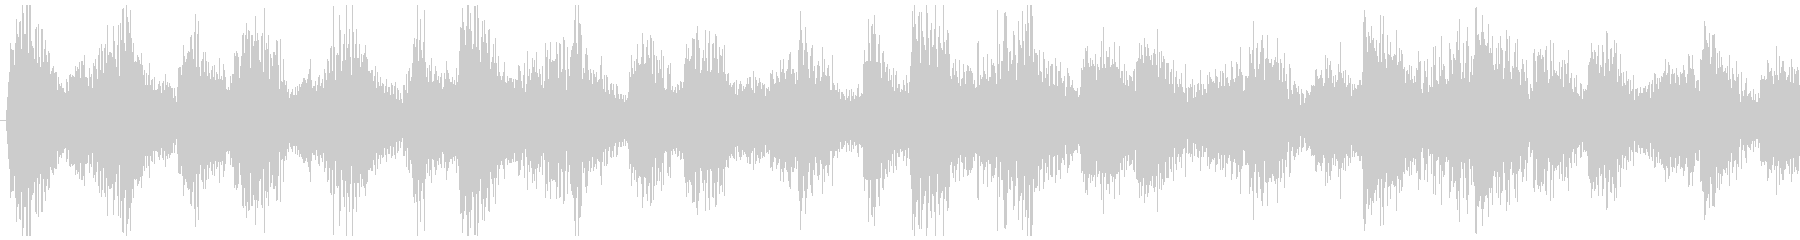 爽やかな朝に聞くBGM-ループ3の未再生の波形